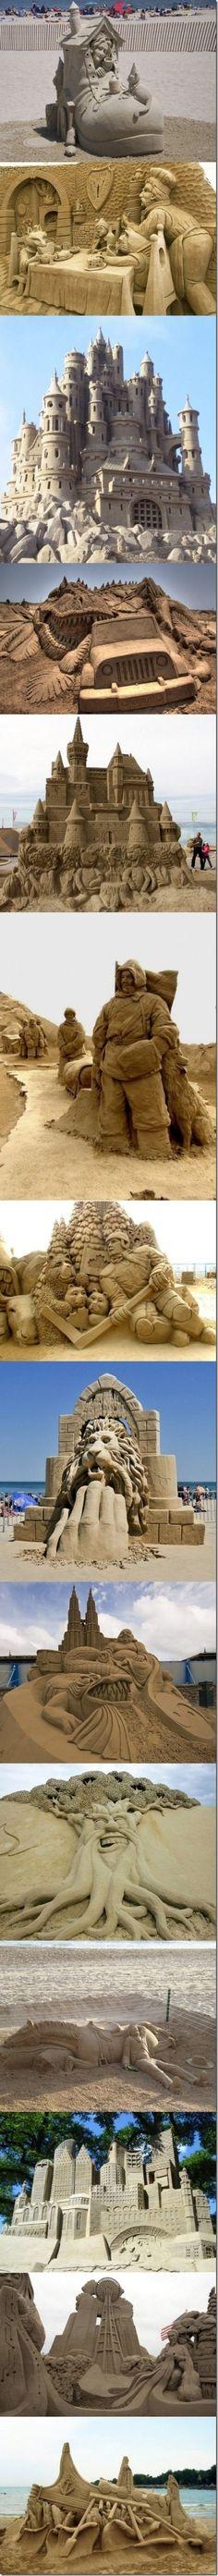 Sandcastle Art  http://www.pinterestpatron.com/2012/08/sandcastle-art/